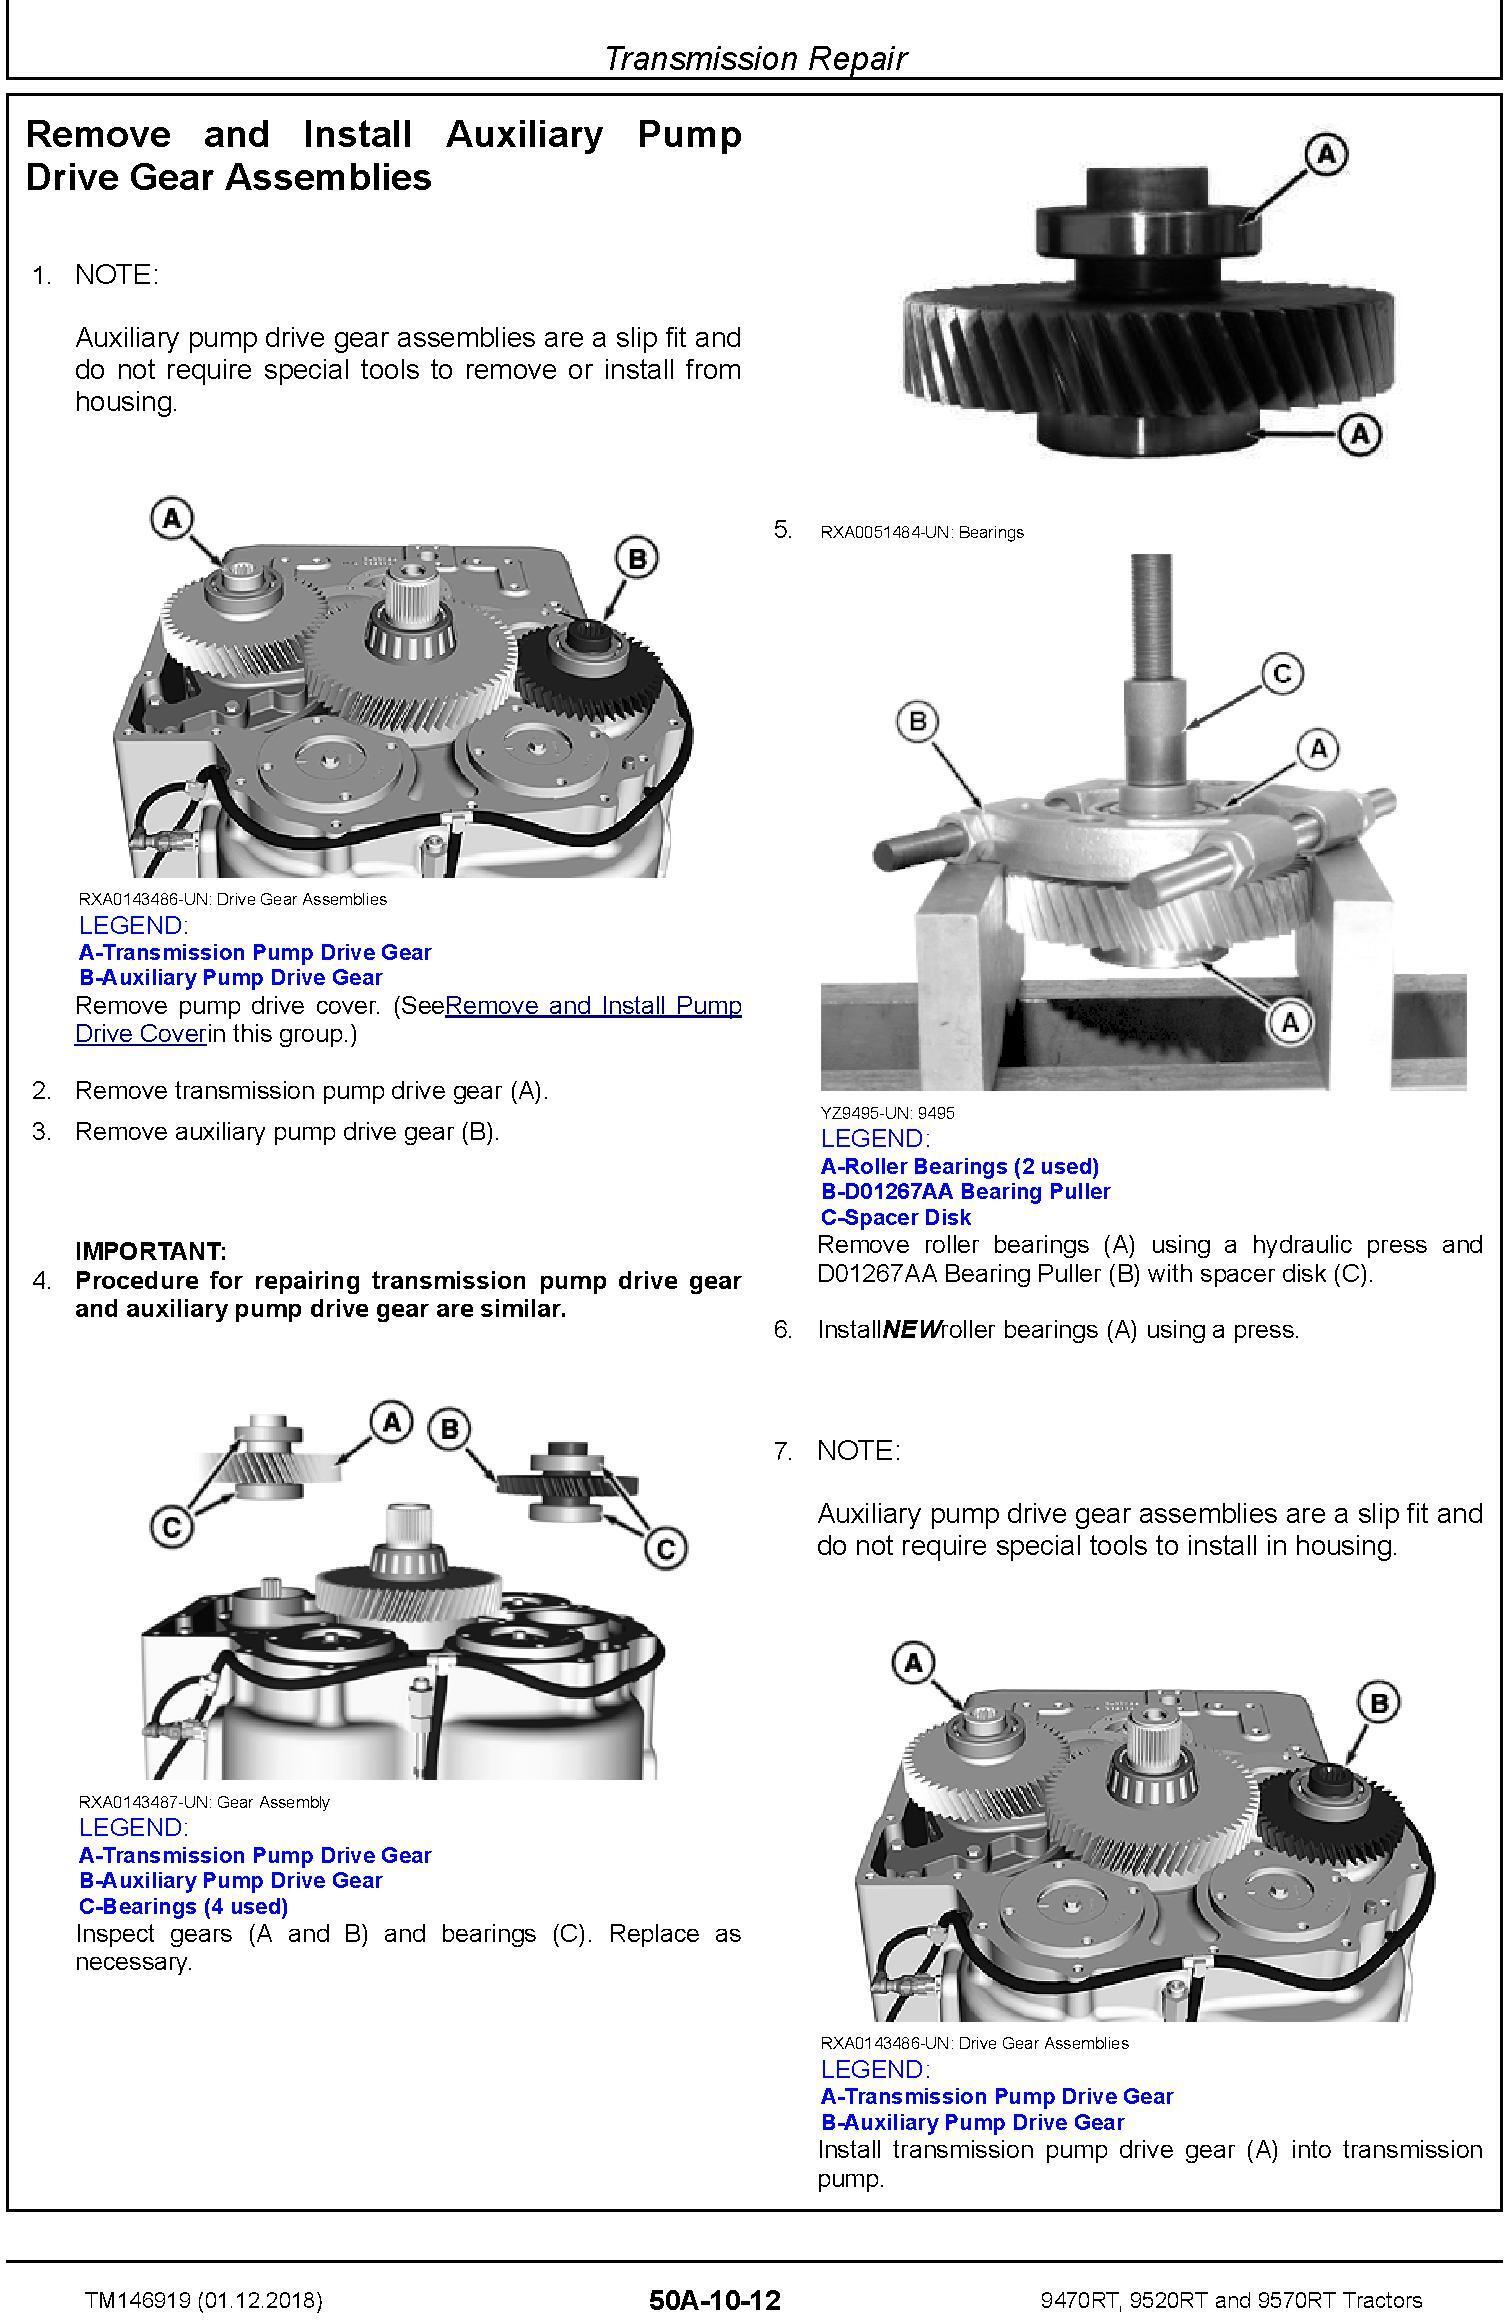 John Deere 9470RT, 9520RT and 9570RT Tractors (SN. 917000-) Repair Technical Manual (TM146919) - 2